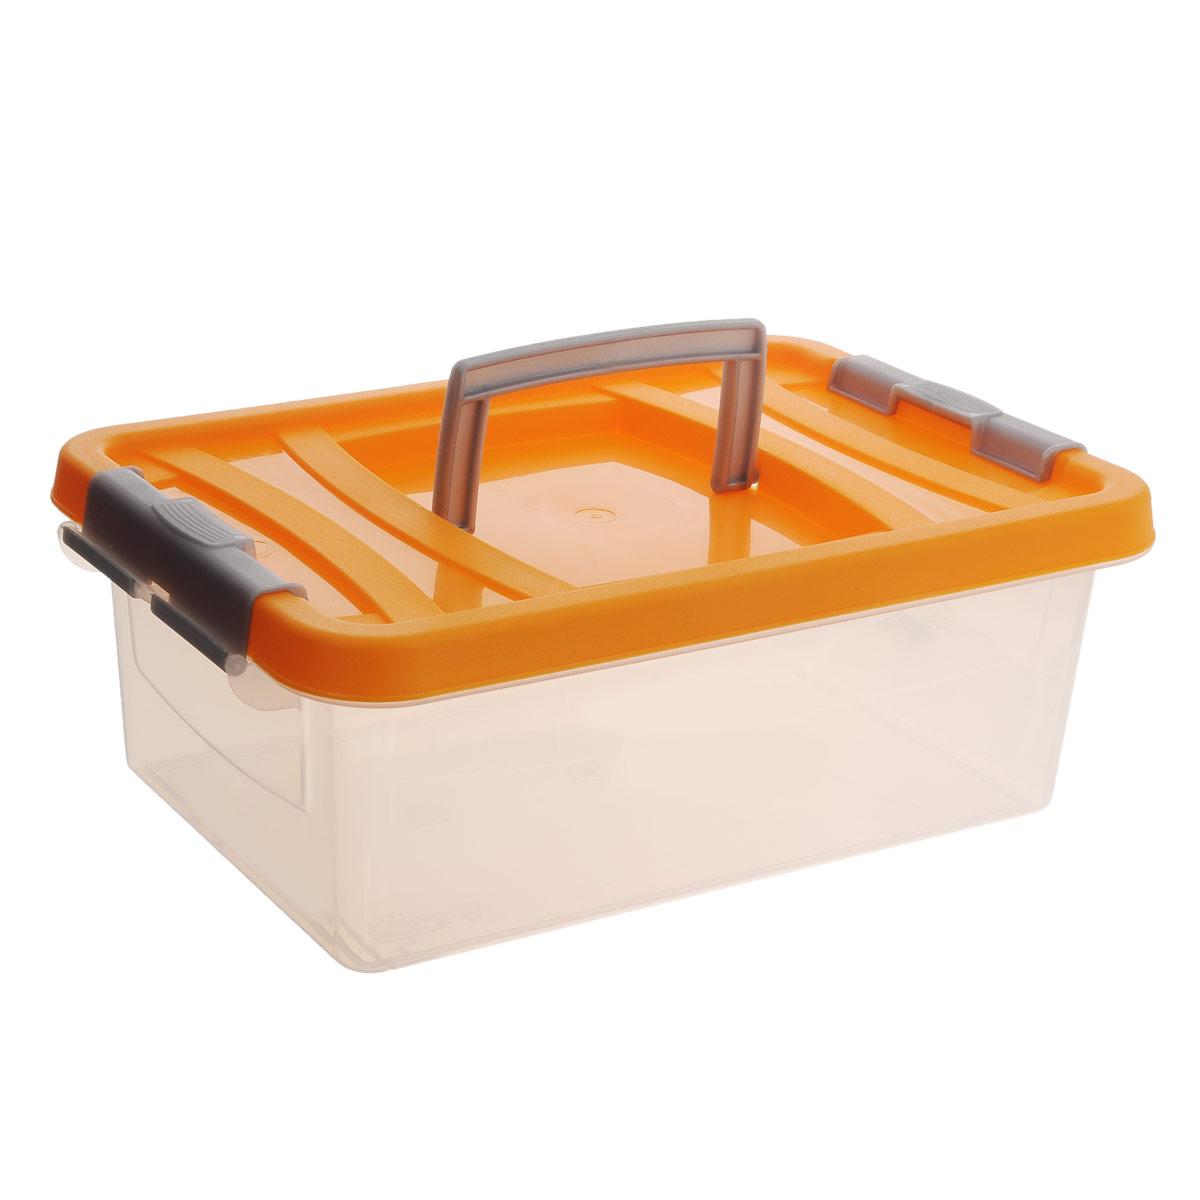 Контейнер для пищевых продуктов Martika, цвет: прозрачный, оранжевый, 6 лС205ПКонтейнер Martika прямоугольной формы предназначен специально для хранения пищевых продуктов. Устойчив к воздействию масел и жиров, легко моется. Крышка легко открывается и плотно закрывается. Имеются удобные ручки. Прозрачные стенки позволяют видеть содержимое. Контейнер имеет возможность хранения продуктов глубокой заморозки, обладает высокой прочностью. Контейнер необыкновенно удобен: его можно брать на пикник, за город, в поход.Можно мыть в посудомоечной машине.